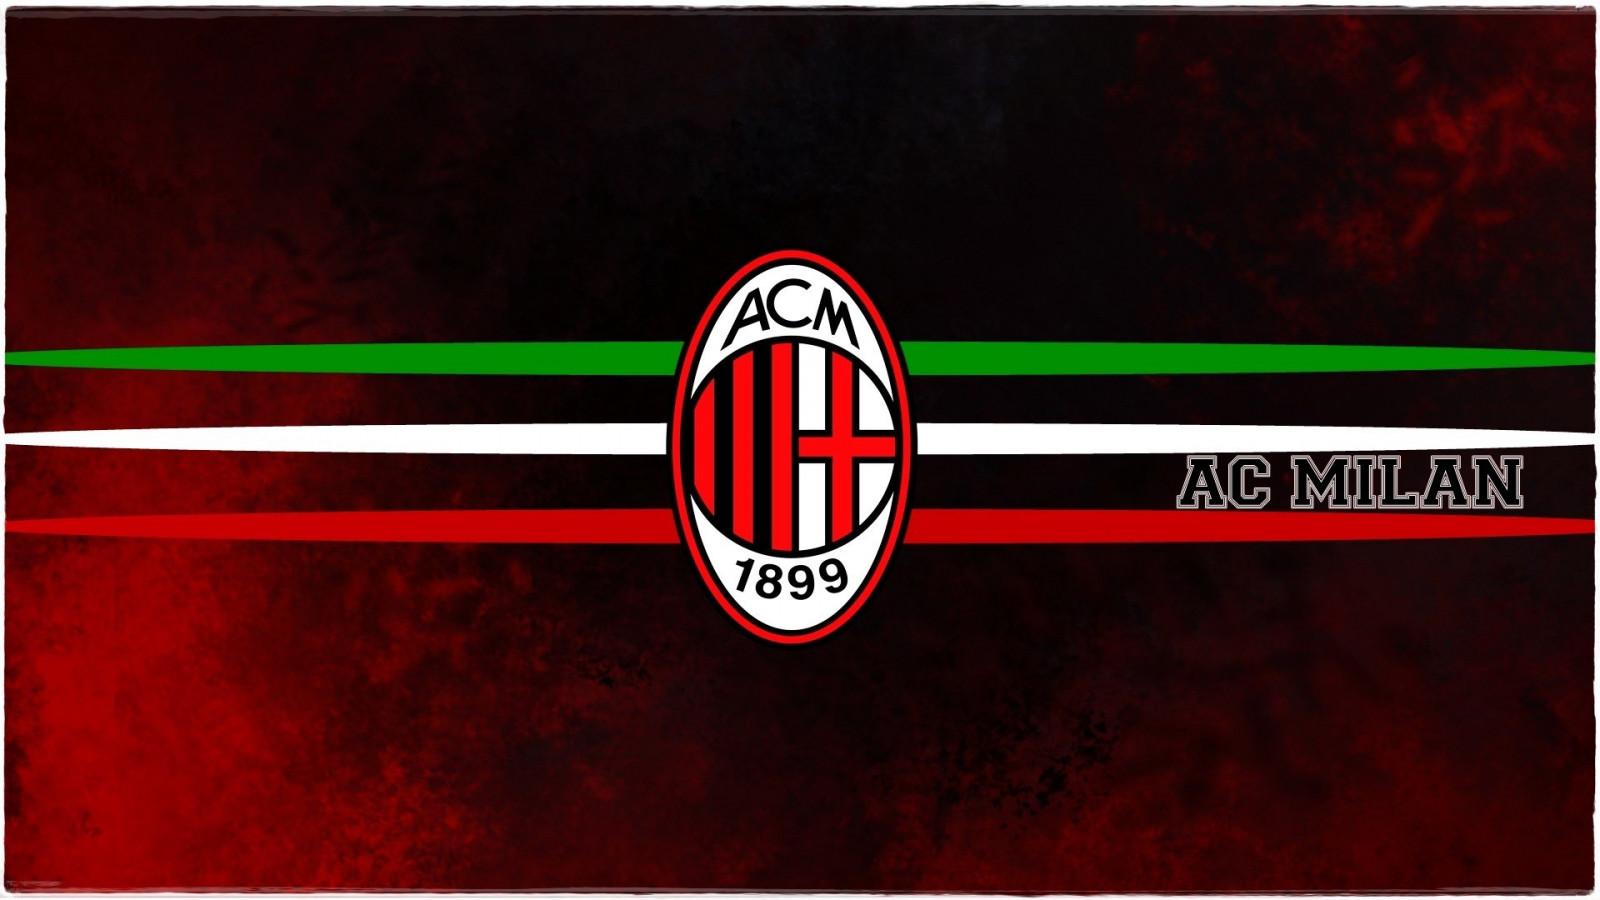 デスクトップ壁紙 19x1080 Px Acミラン イタリア サッカークラブ スポーツ 19x1080 Goodfon デスクトップ壁紙 Wallhere